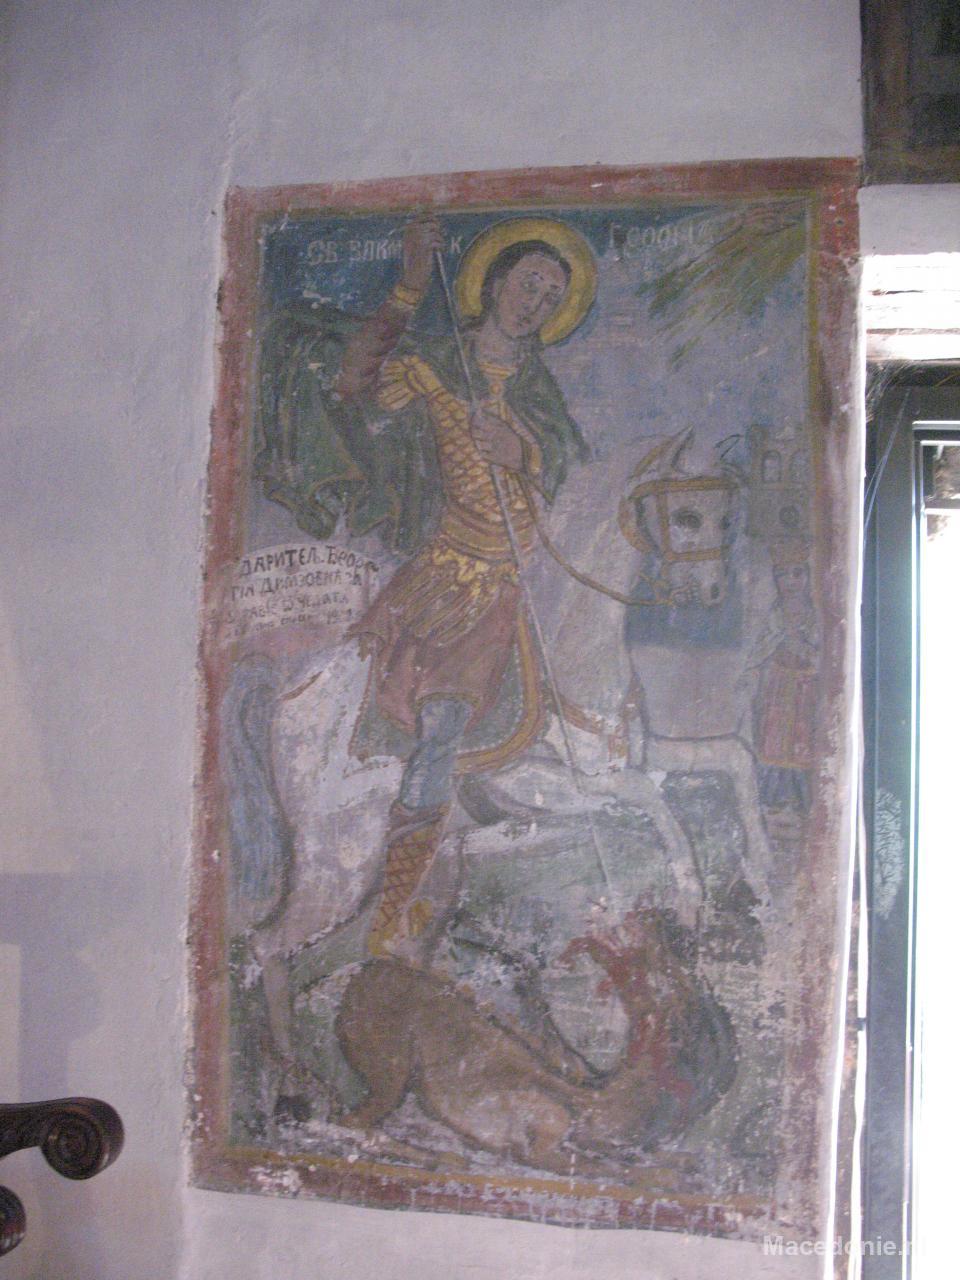 Wandschildering van held op paard